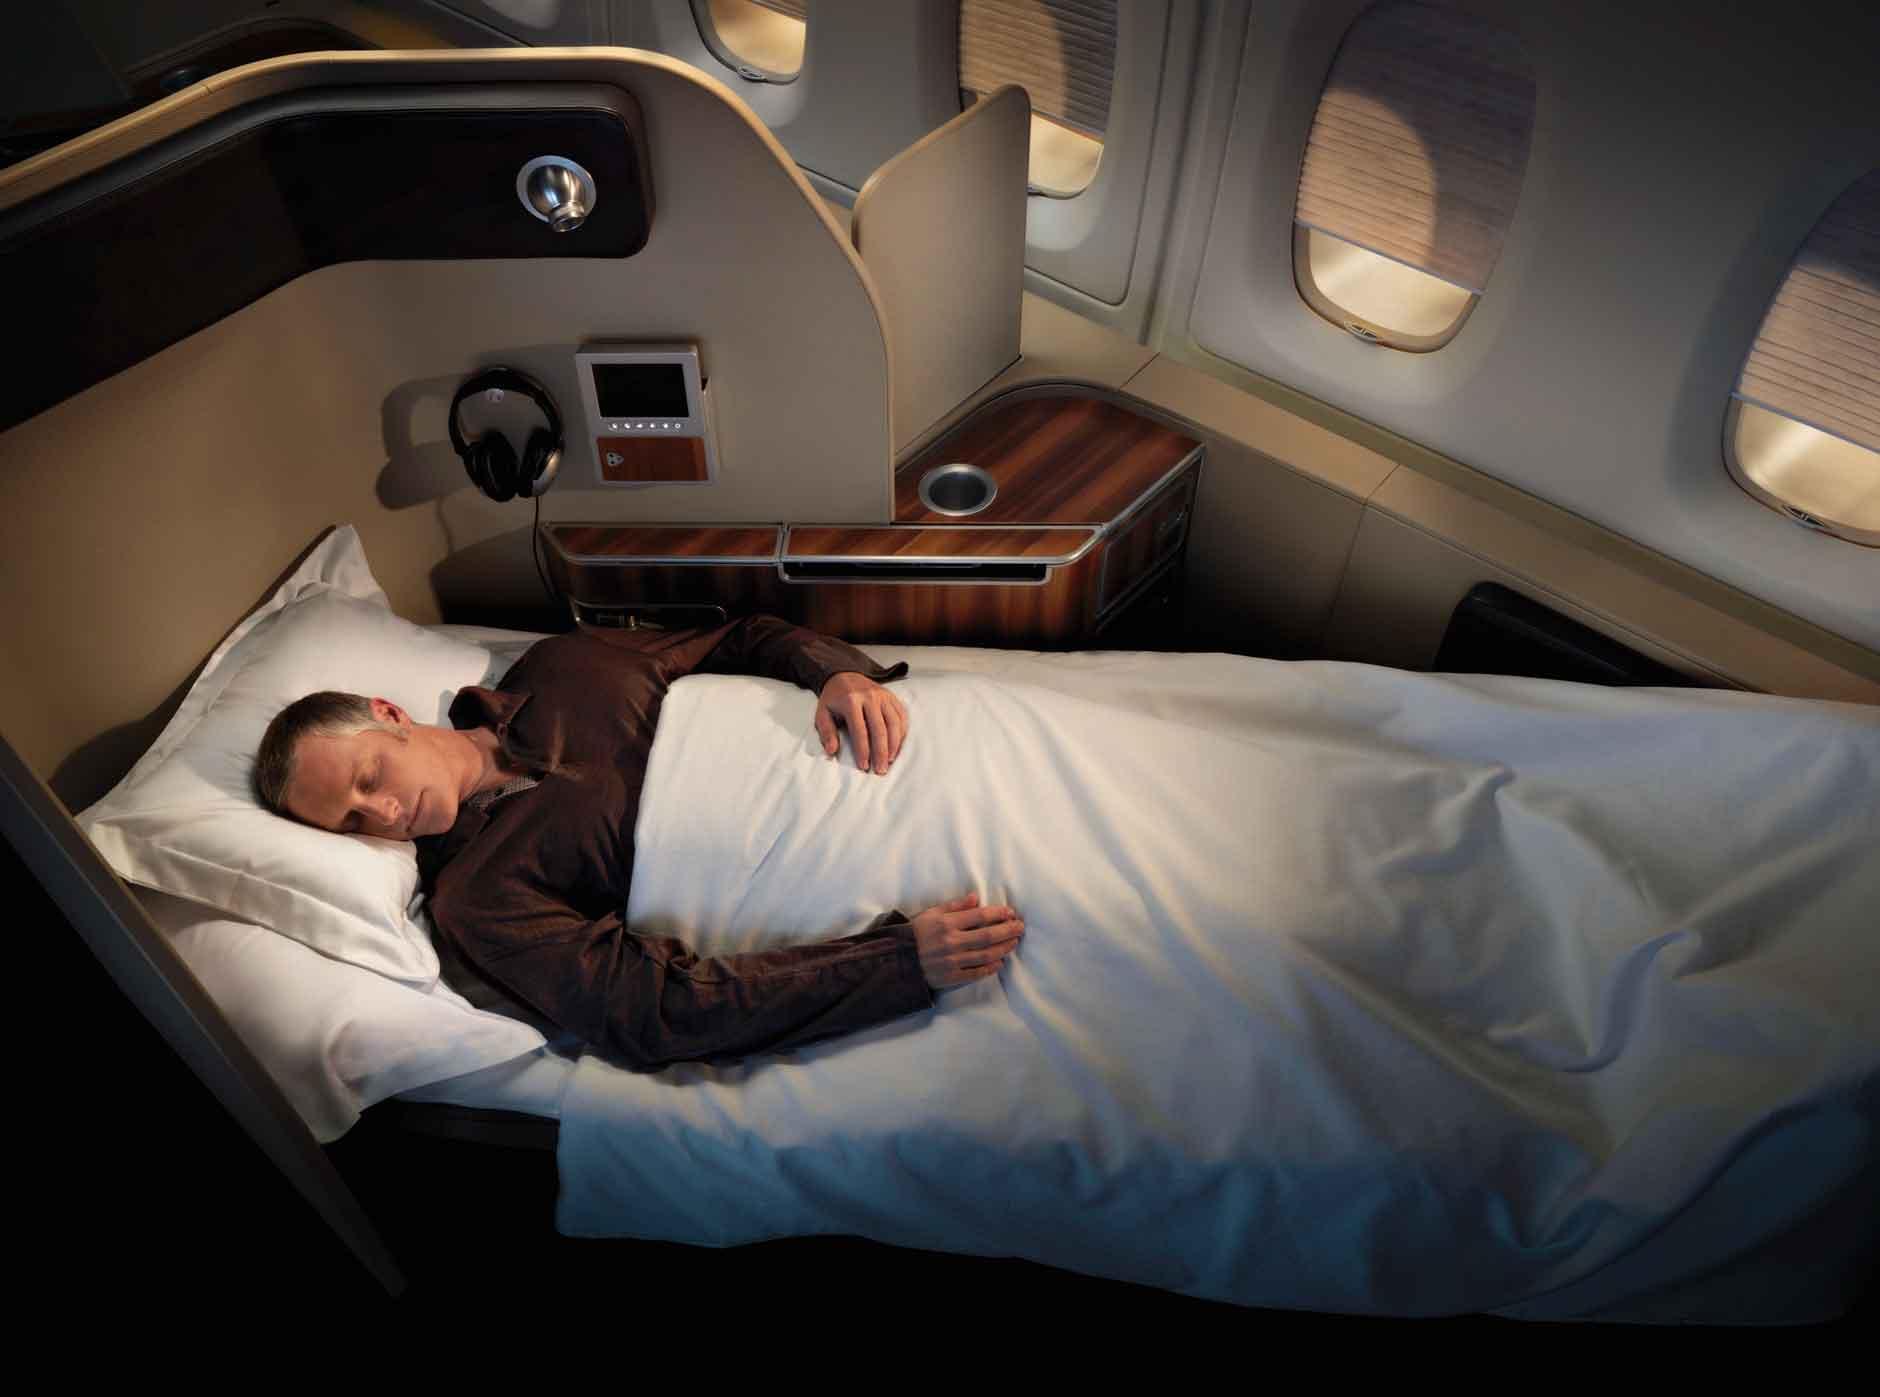 Qantas-Airways-First-Class-Cabin